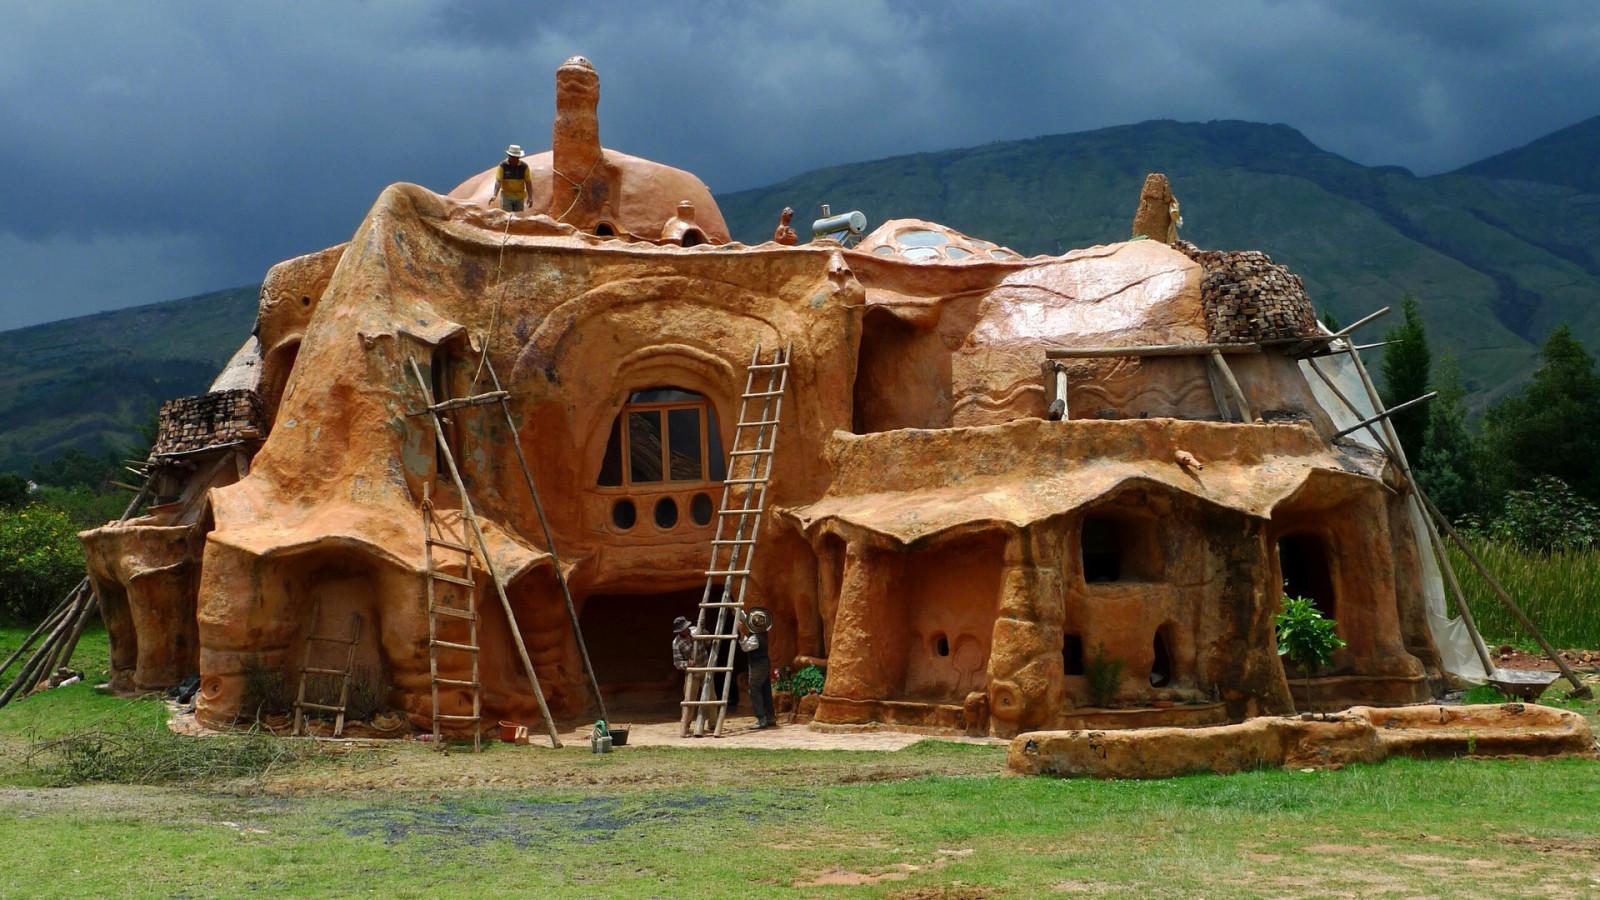 Fond d'écran : 1920x1080 px, architecture, bâtiment, des nuages, Colombie, forêt, herbe, maison ...